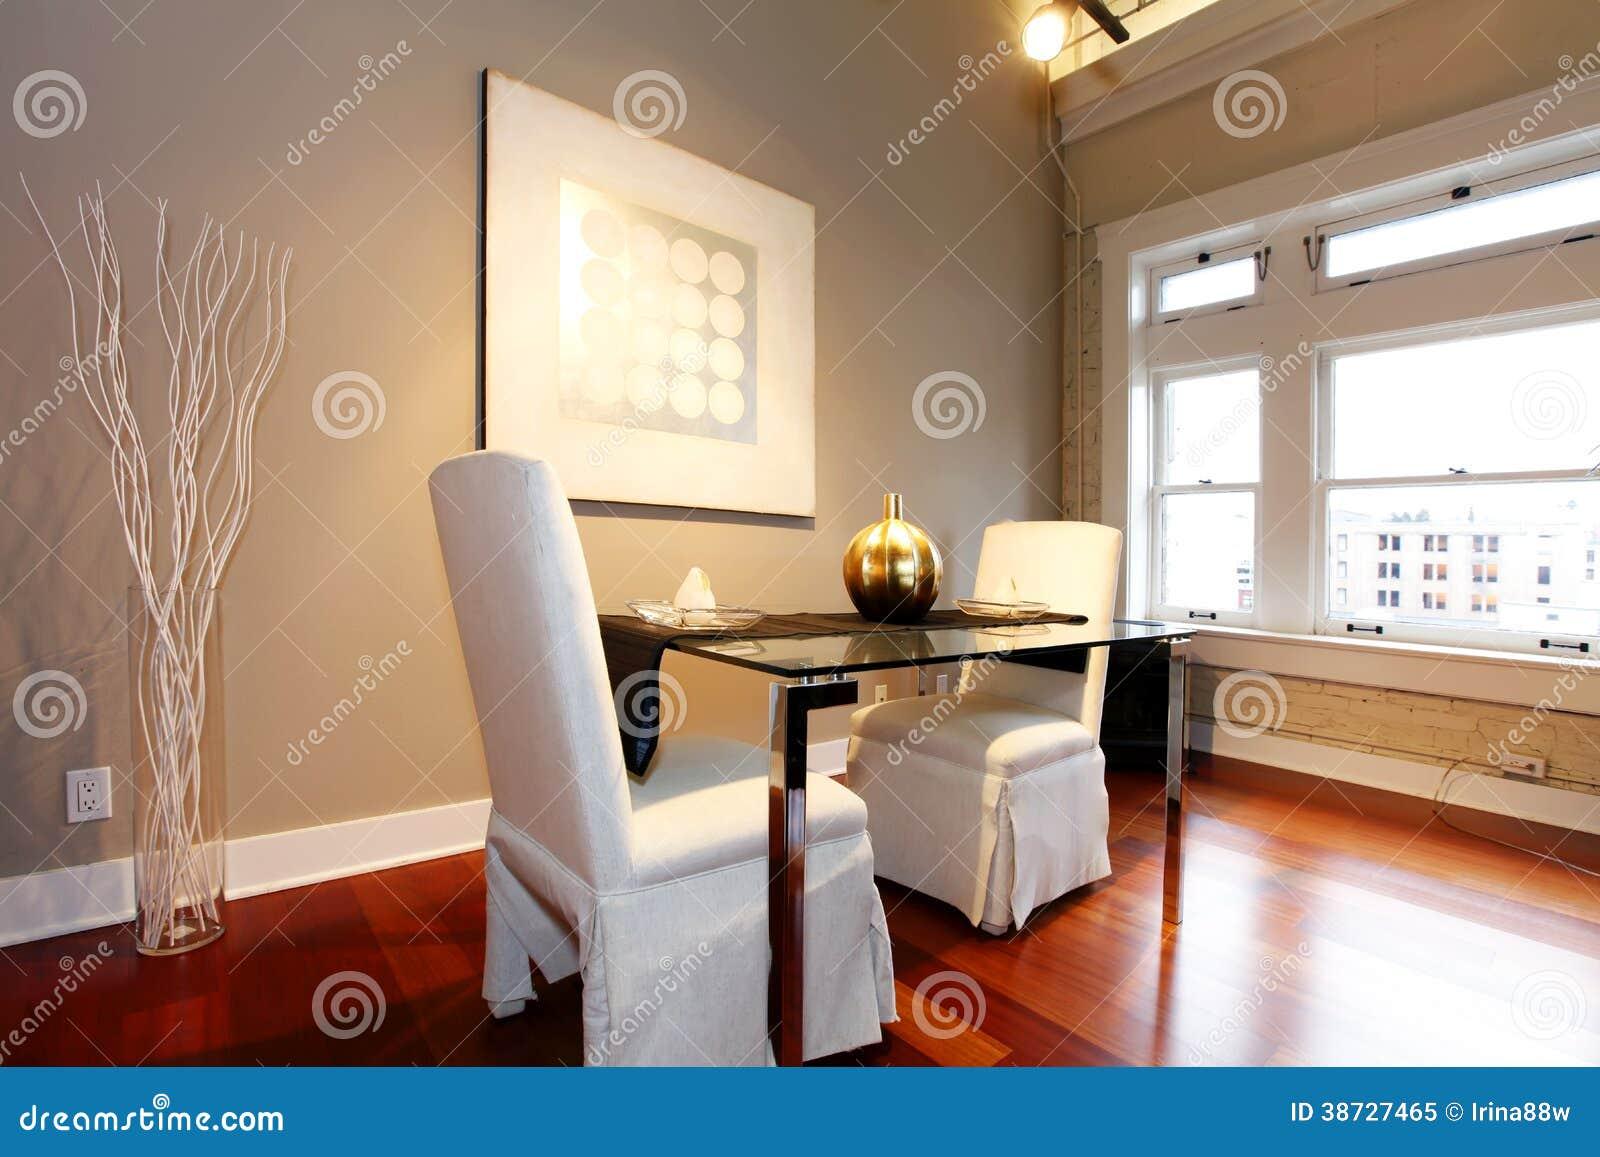 Fotografia Stock Libera Da Diritti: Tavolo Da Pranzo Elegante Messo In  #B24918 1300 957 Ikea Tavolo Ad Angolo